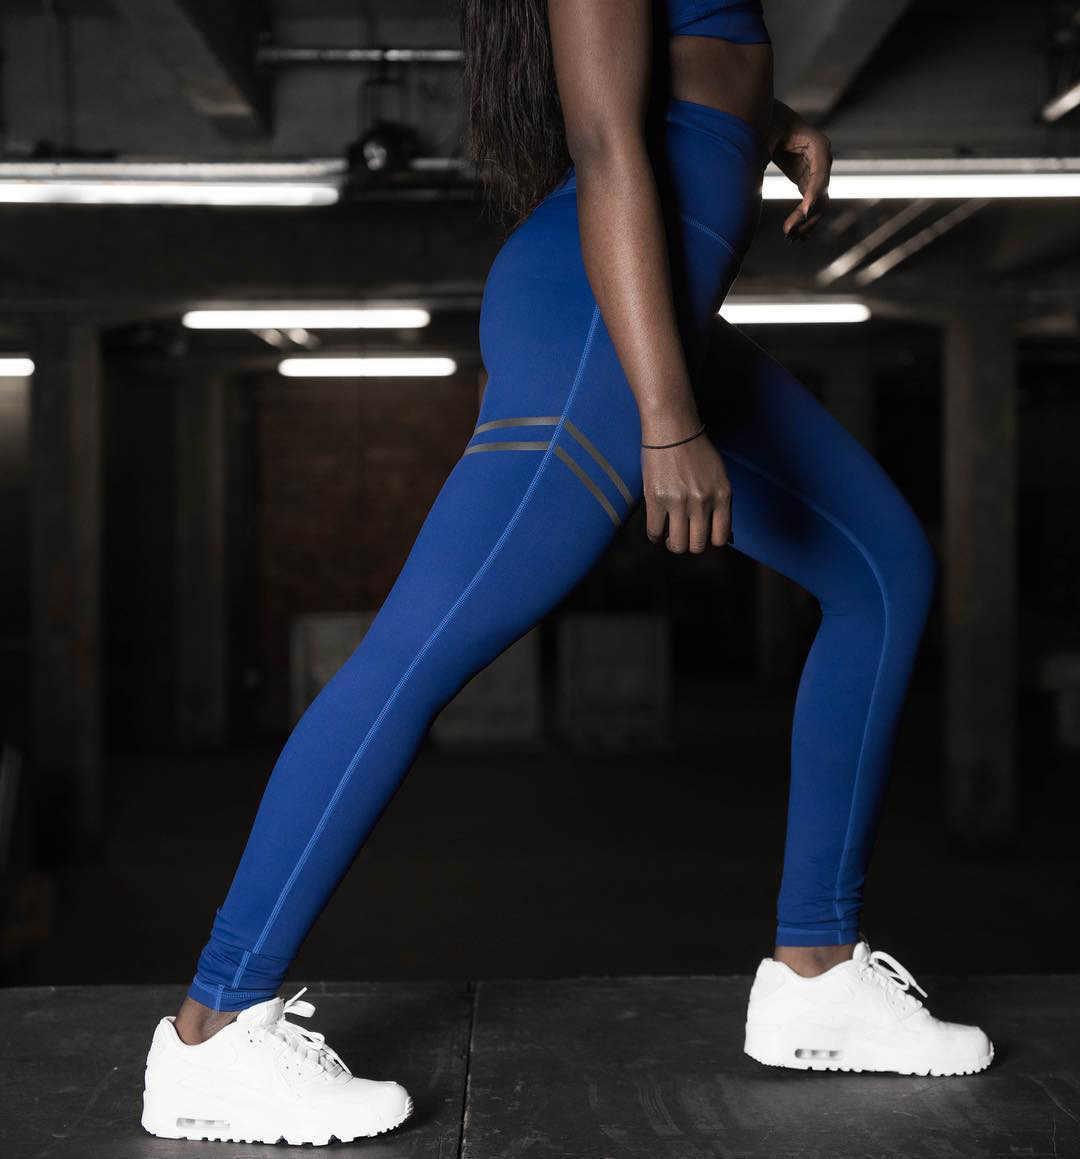 2018 сексуальные черные леггинсы в форме сердца из искусственной кожи, штаны для тренировок, для спорта, леггинсы с перекрестной каймой в европейском и американском стиле